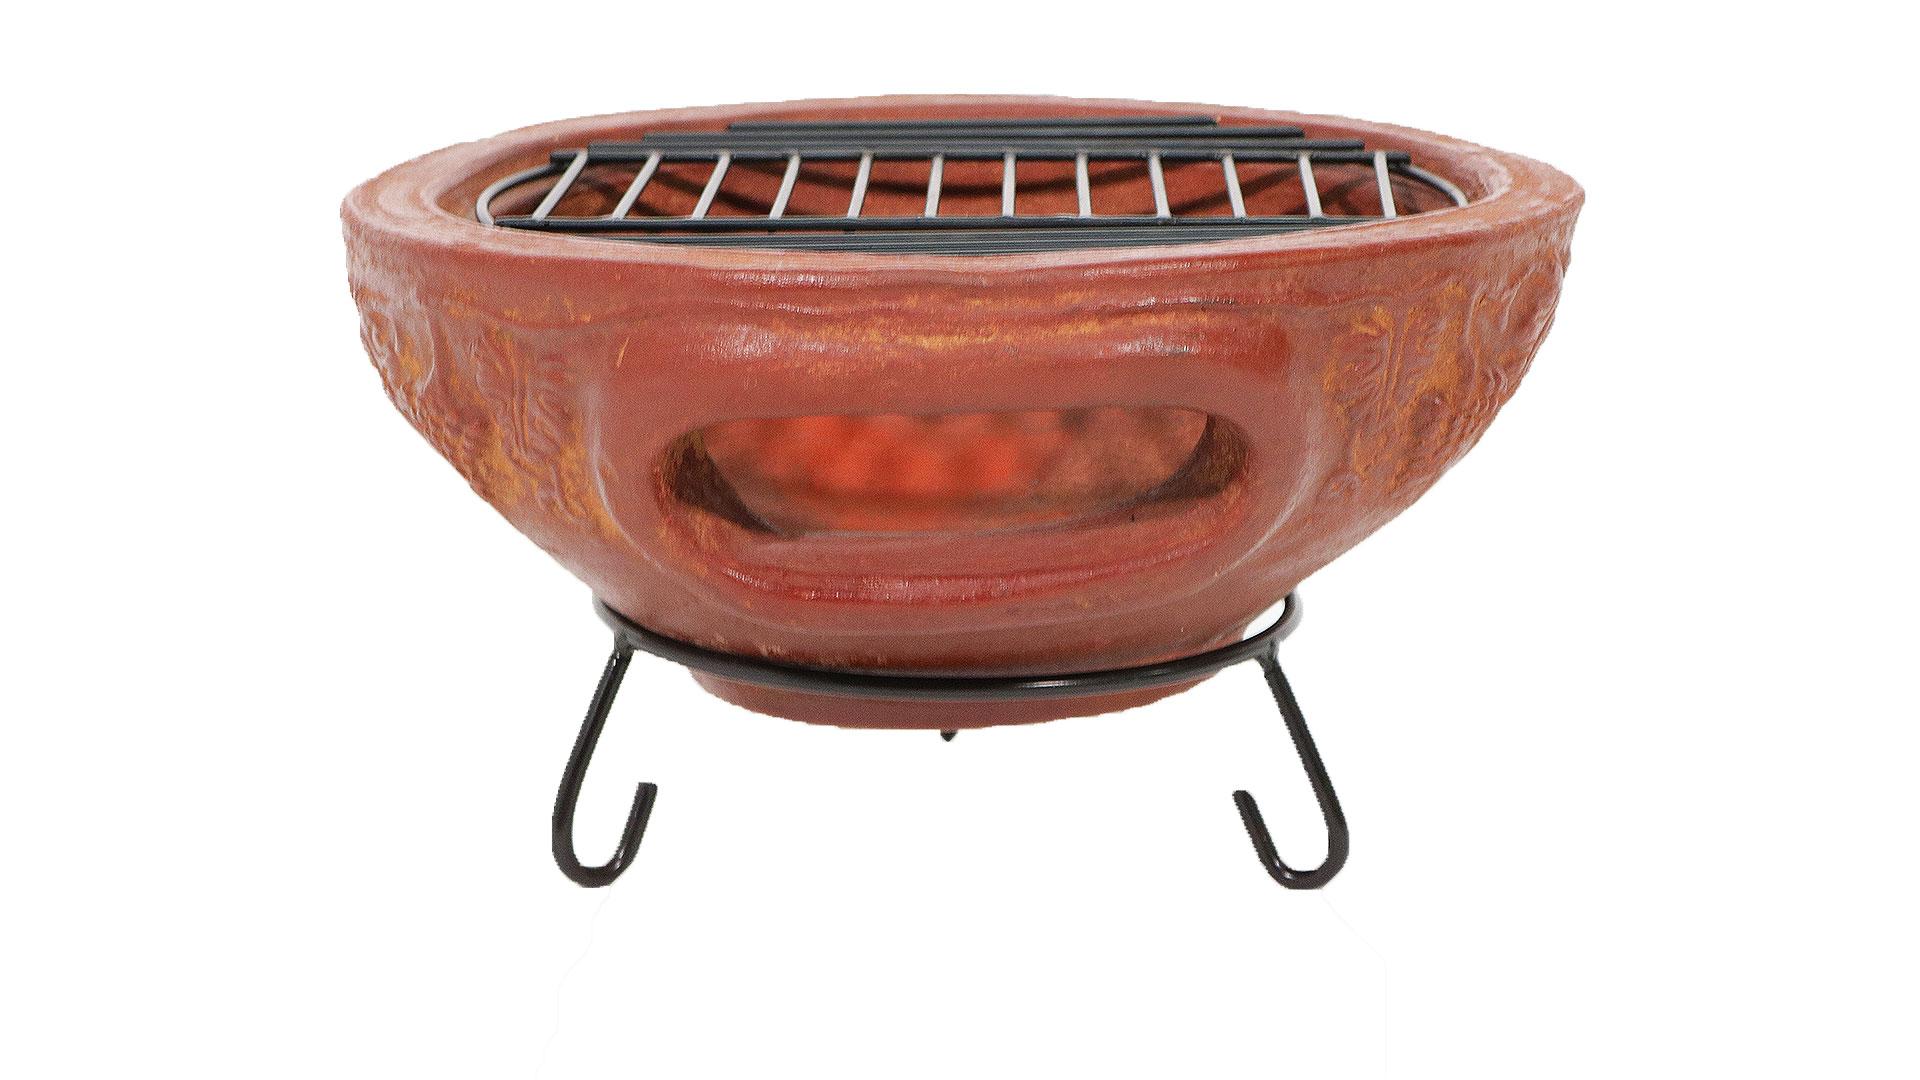 メキシコ製テーブル型チムニー